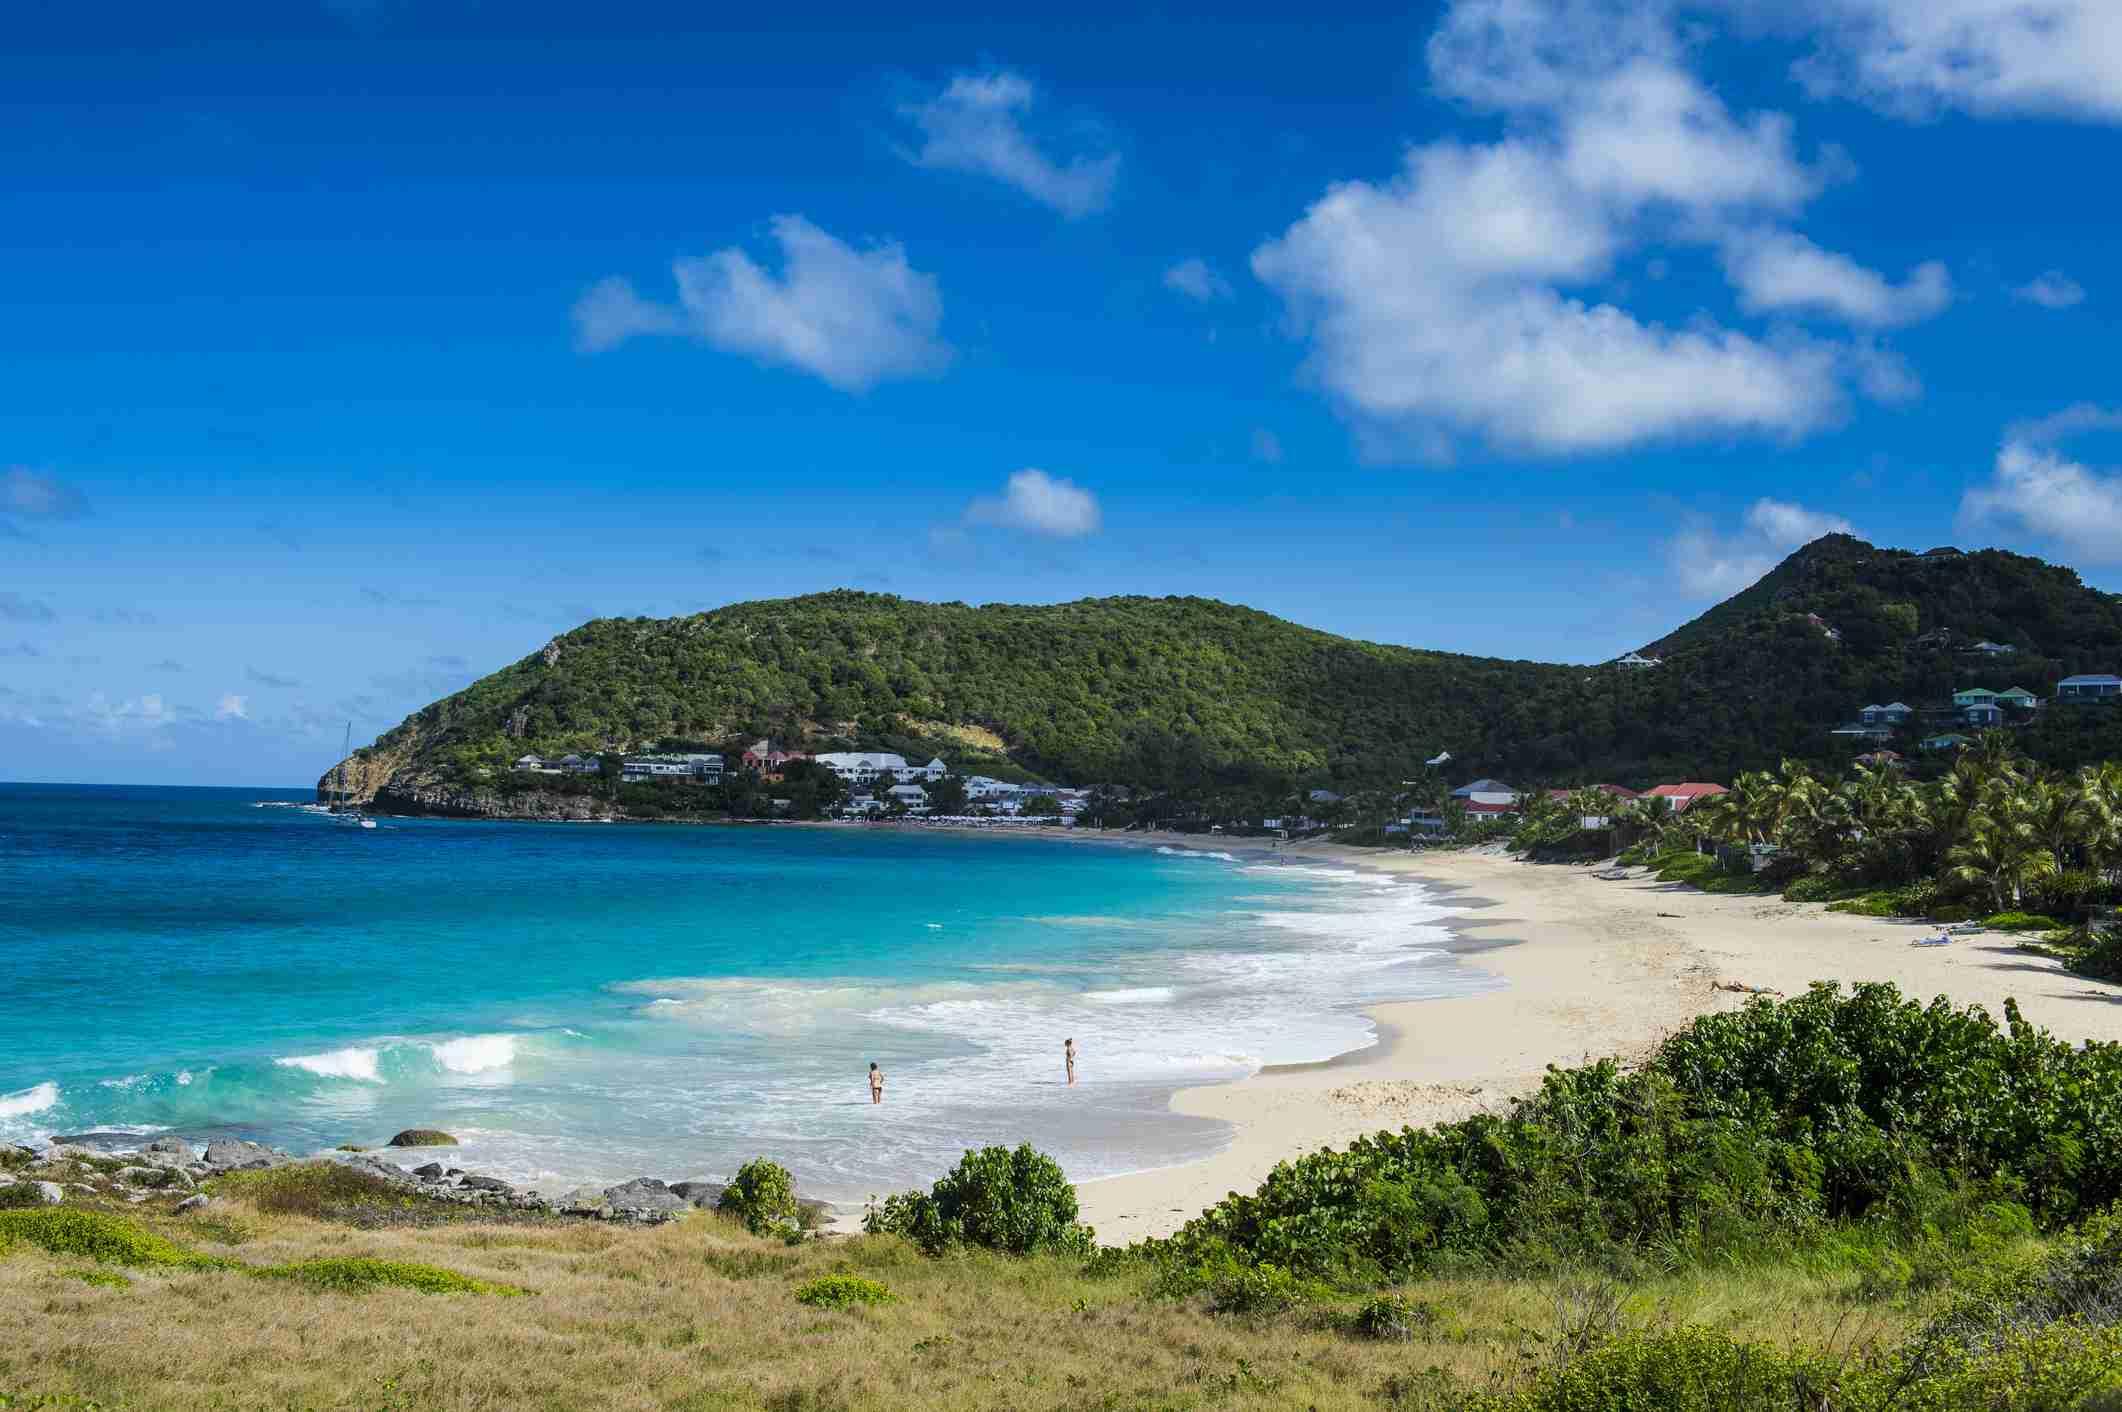 Udsigt over Flamand Strand, St. Barth (Saint Barthelemy), små Antiller, Vestindien, Caribien, Mellemamerika